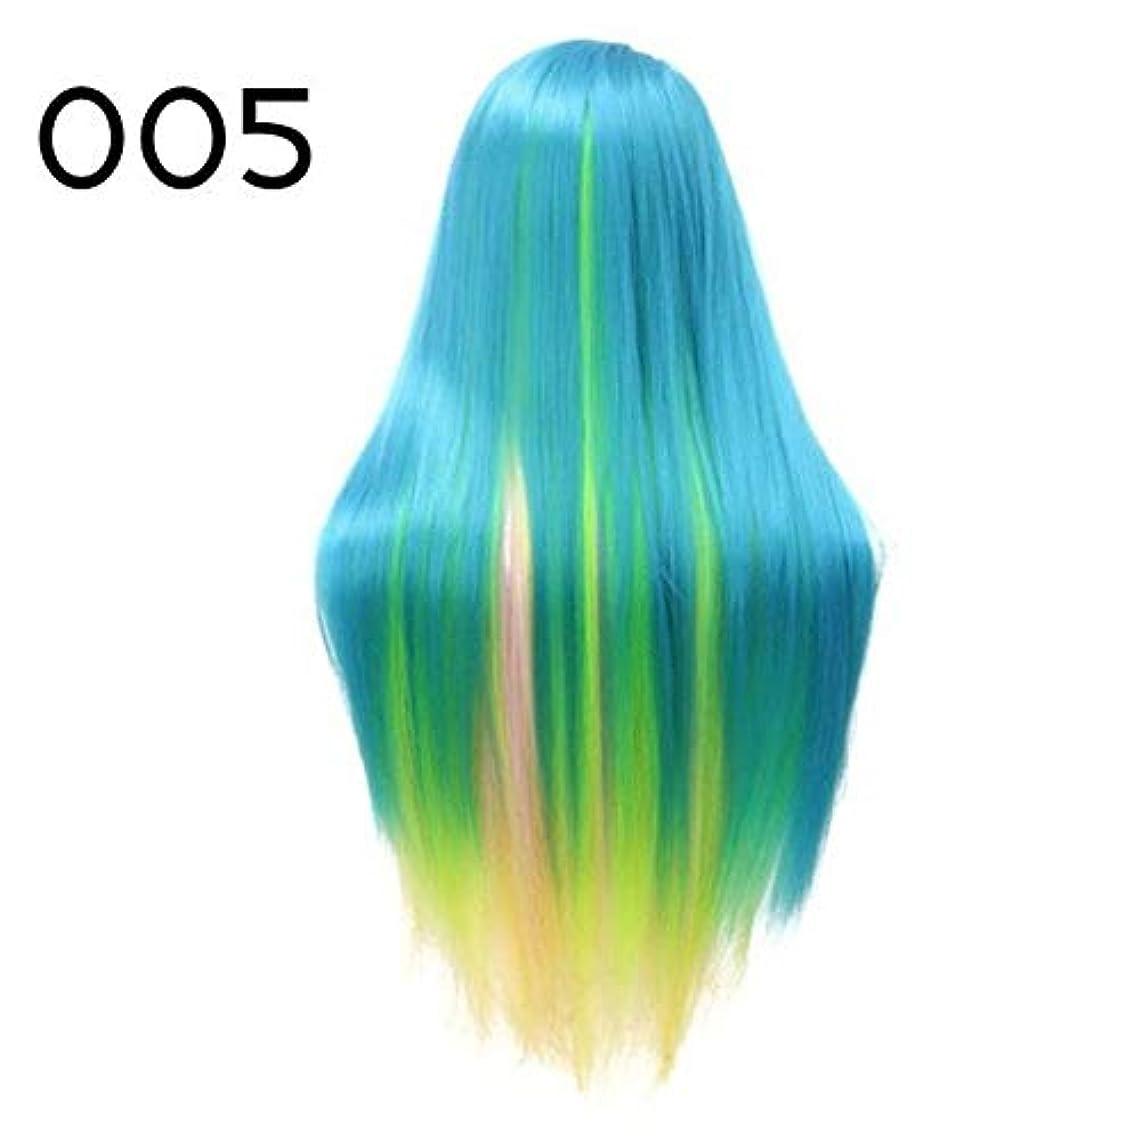 要件ばかげているマエストロウイッグ マネキンヘッド クランプホルダと多色理髪トレーニング頭部マネキンモデル編み実践サロンを選択する9色 練習用 (色 : 005, サイズ : 80~90cm(hair length))